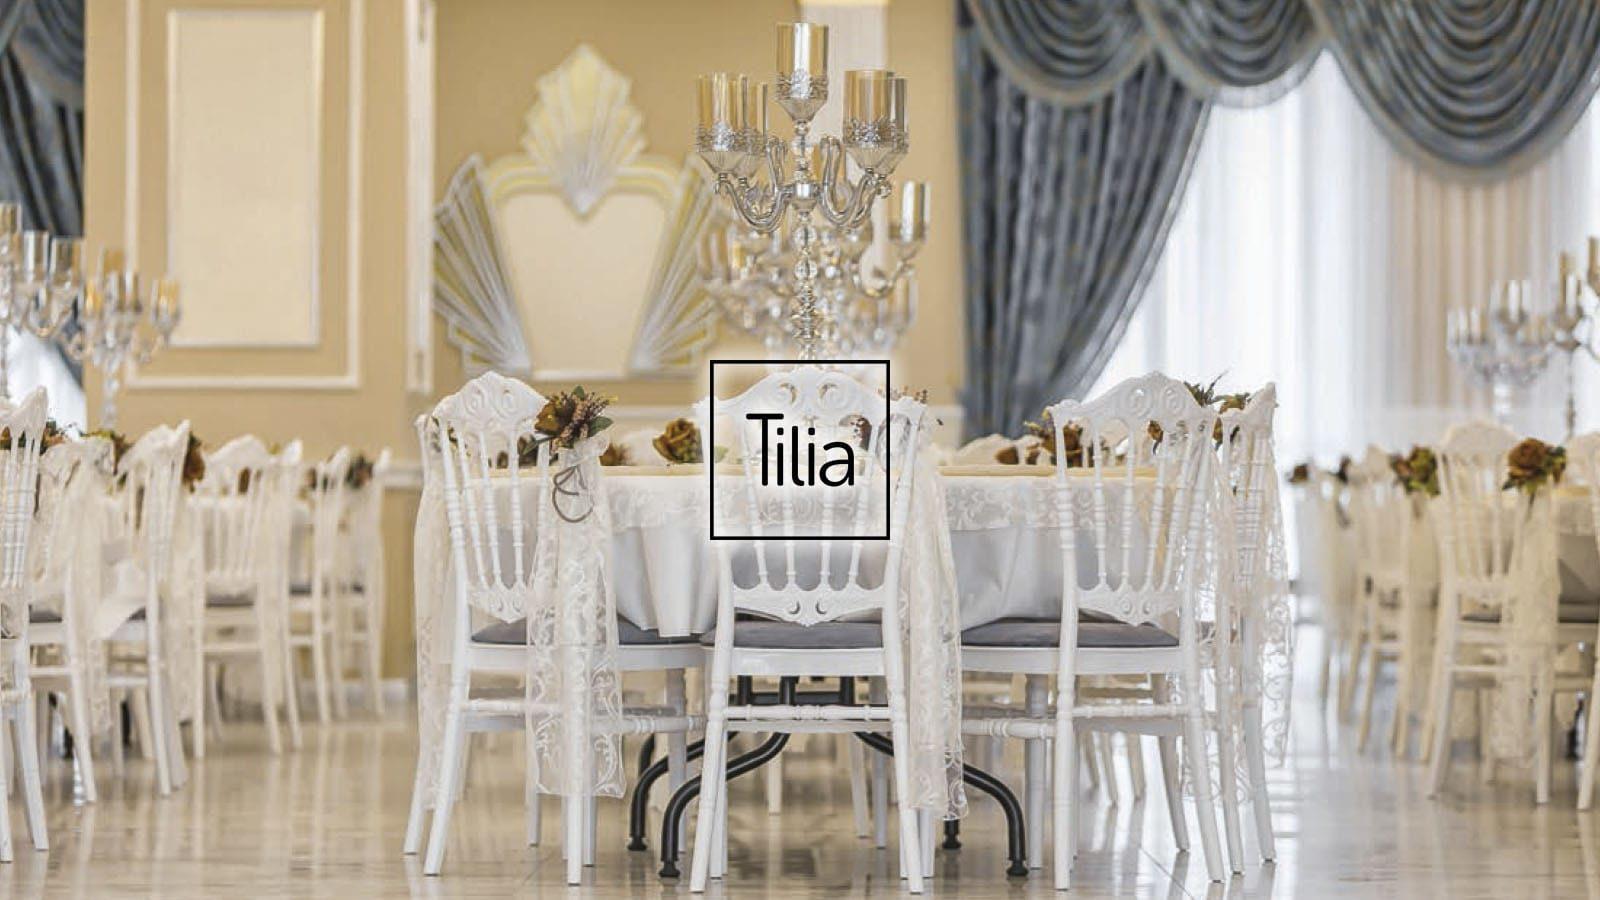 Tilia arredo per Catering e Eventi